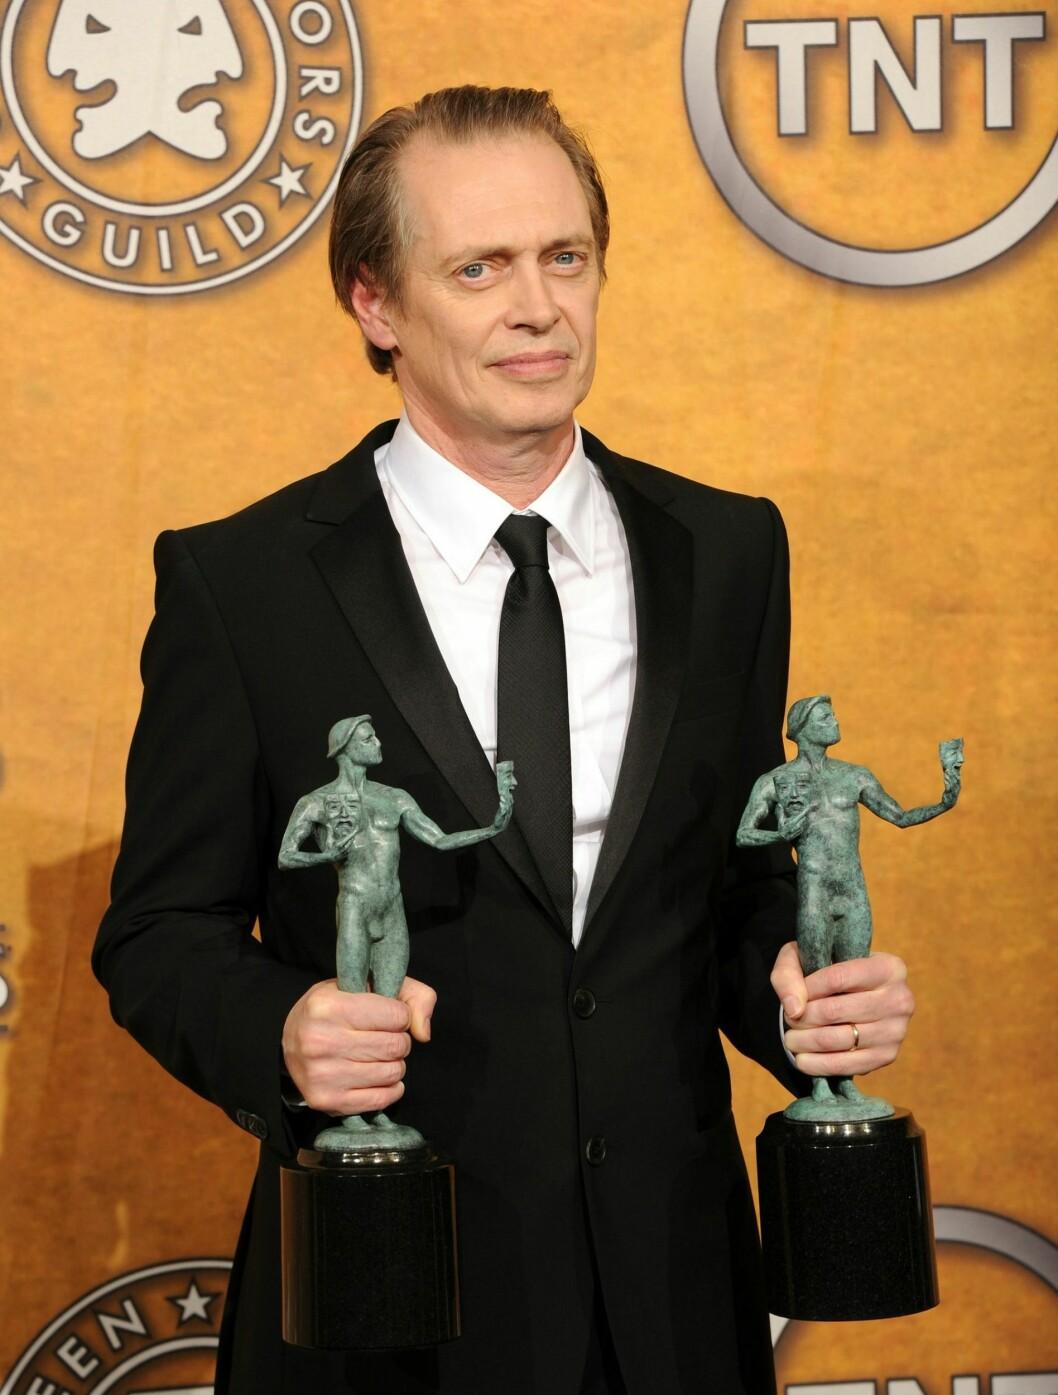 <strong>BESTE DRAMA:</strong> Steve Buscemi vant prisen for beste mannlige skuespiller i en dramaserie for rollen i «Boardwalk Empire». Foto: All Over Press